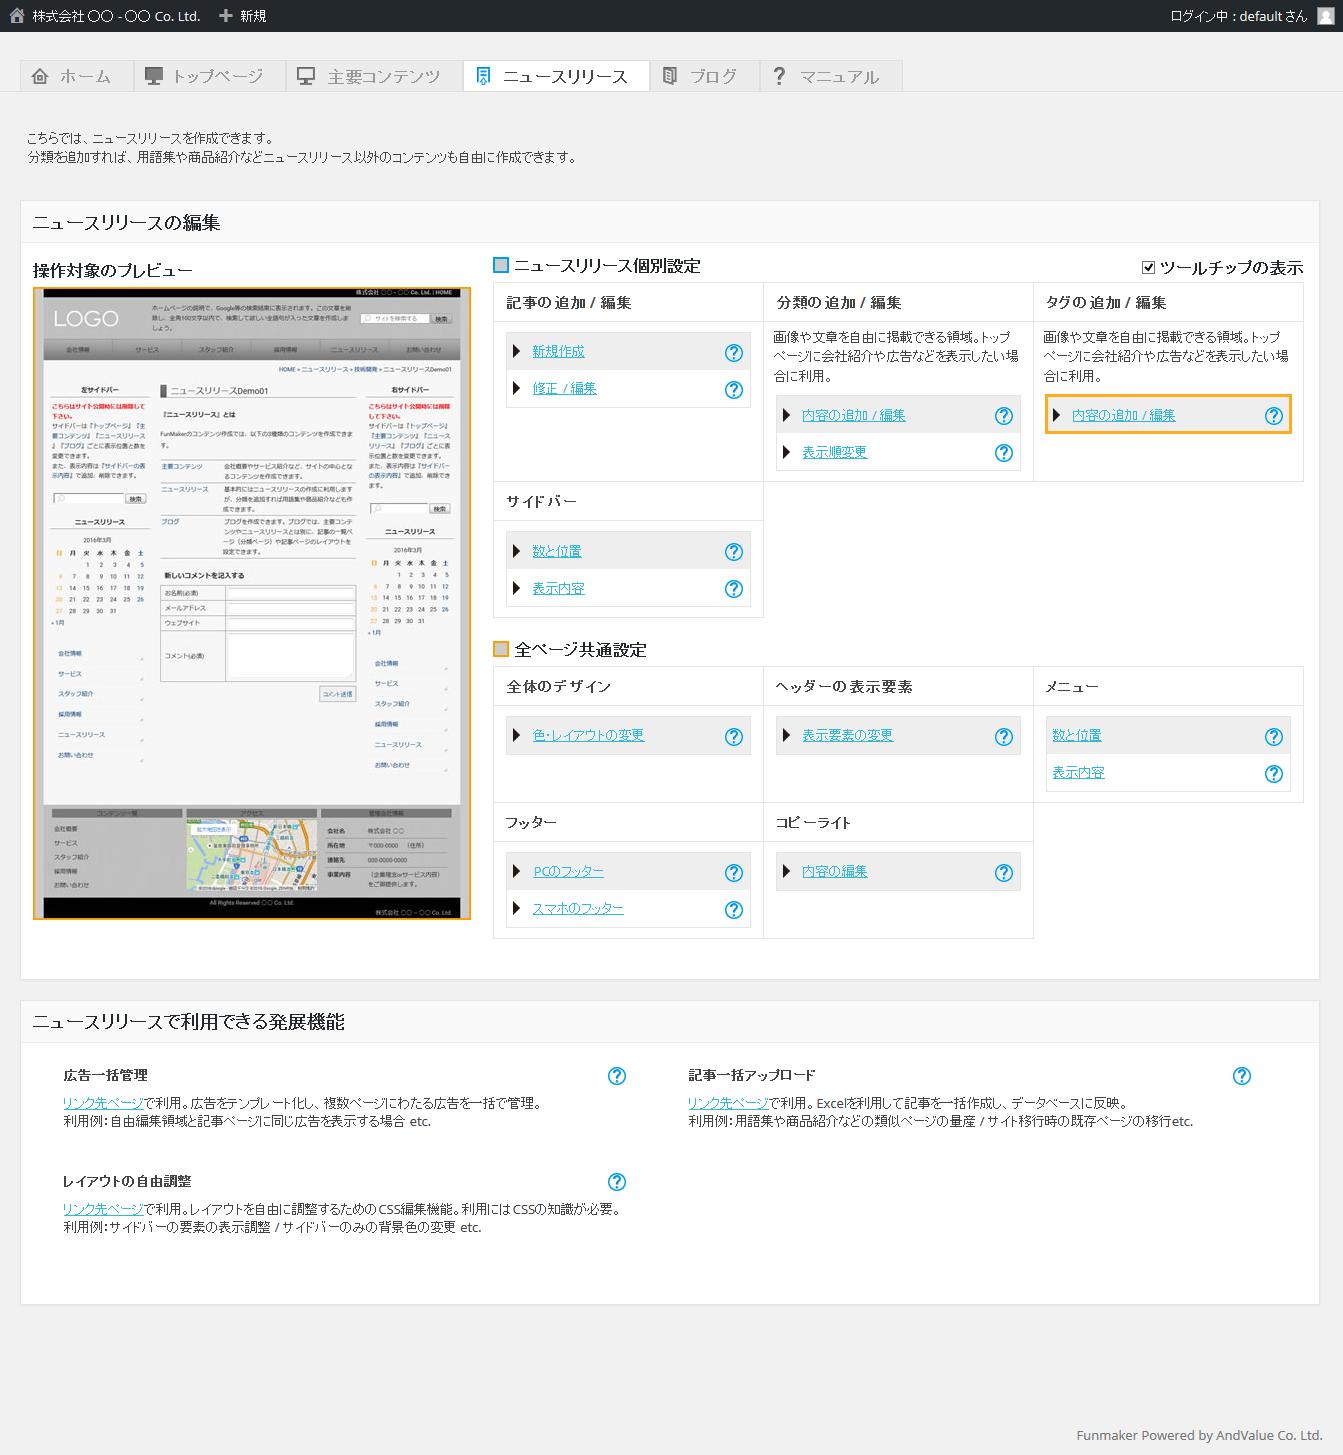 タグの編集・修正 - 簡単格安ホームページ作成会社 -FunMaker